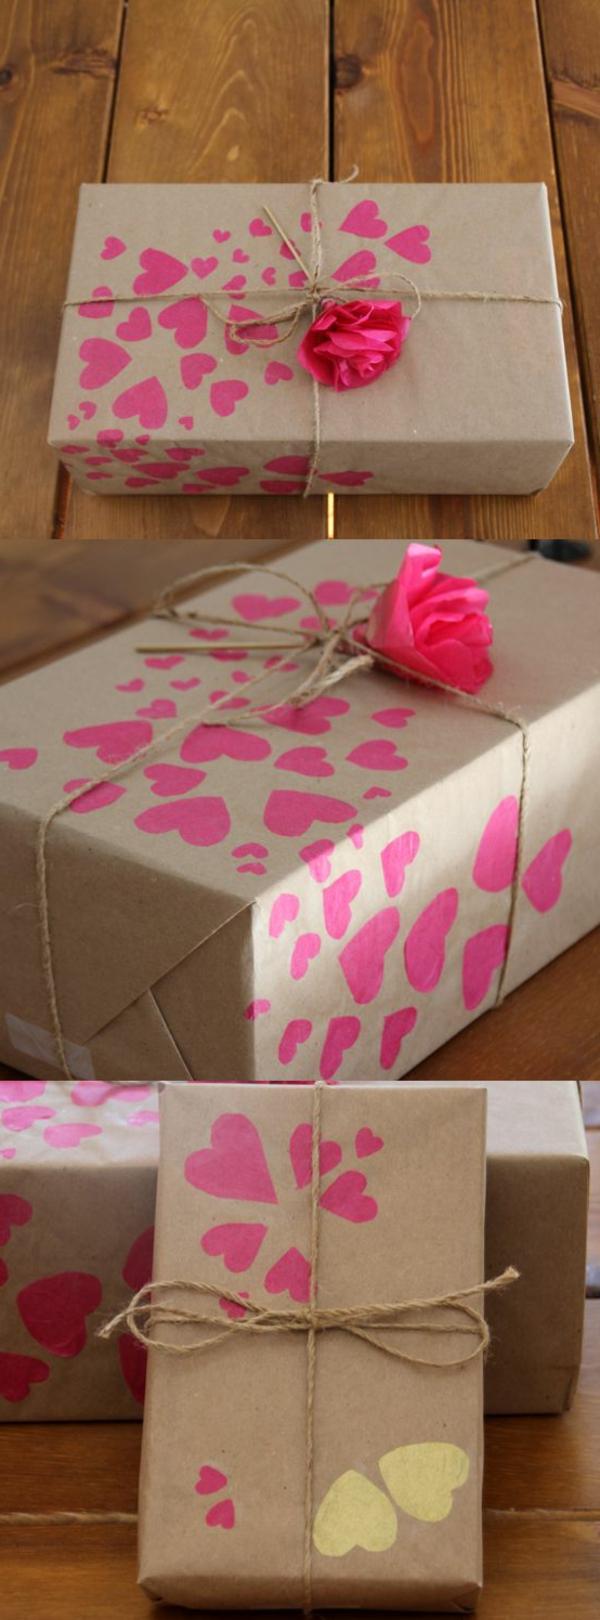 süße-verpackungen-basteln-originelle-geschenke-zum-verpacken